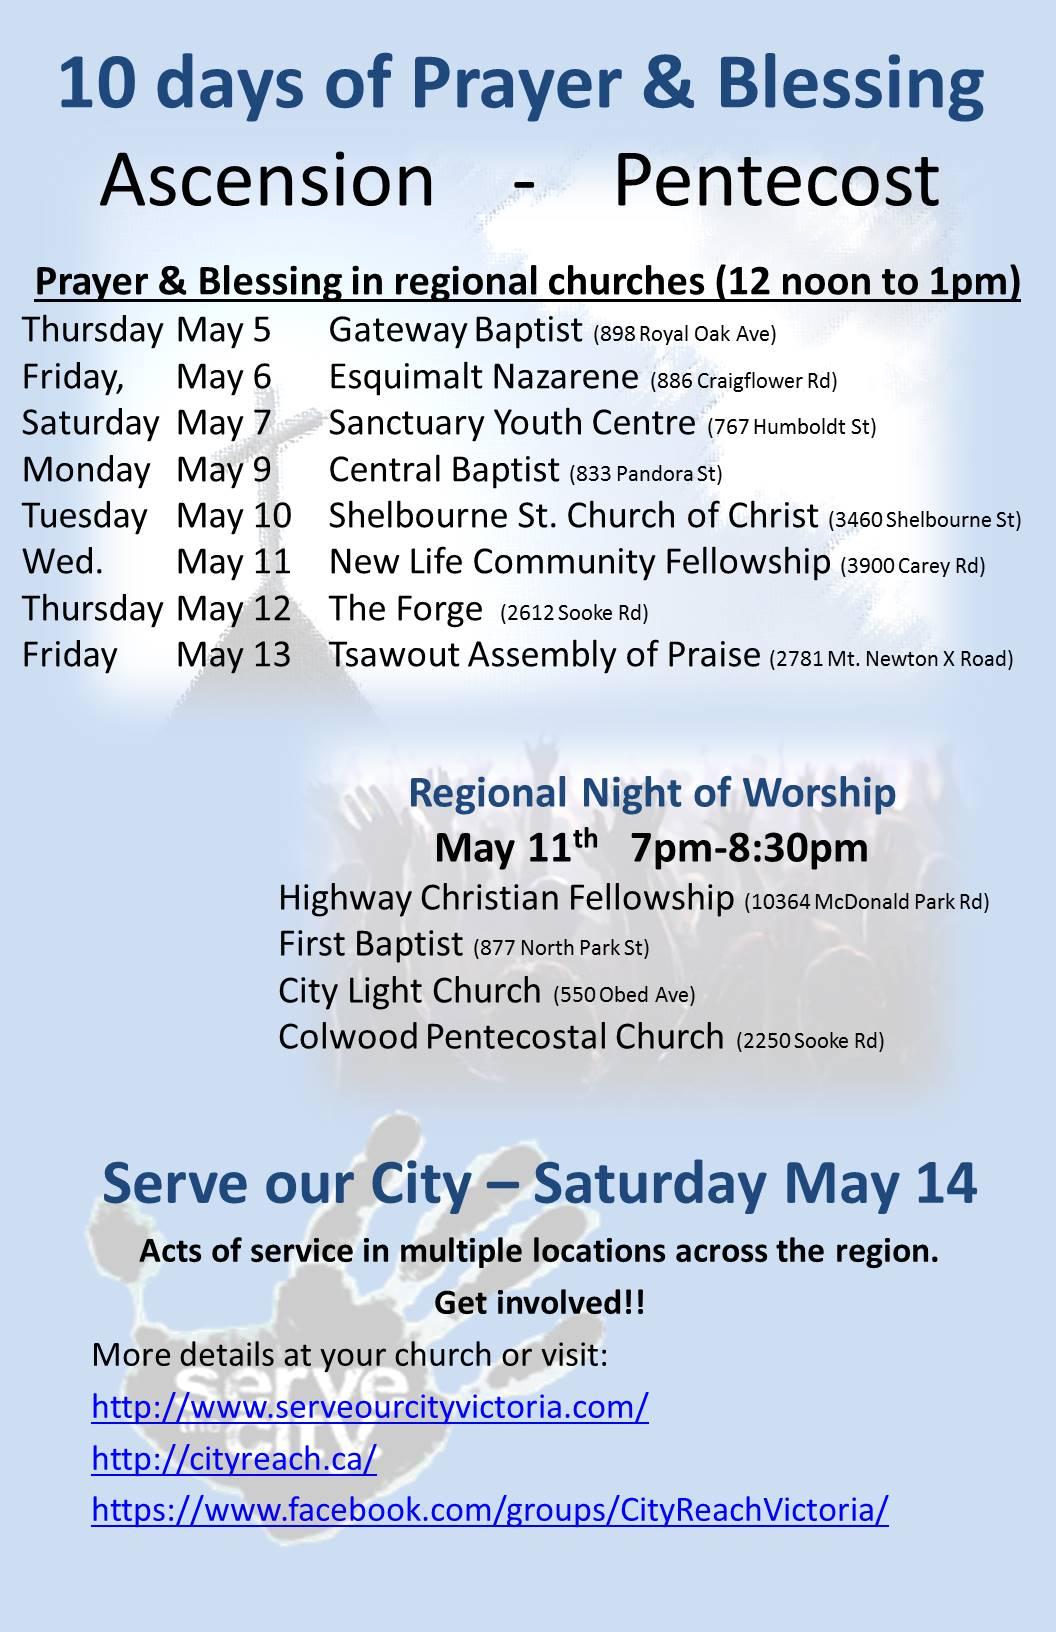 10 days of Prayer & Blessing poster